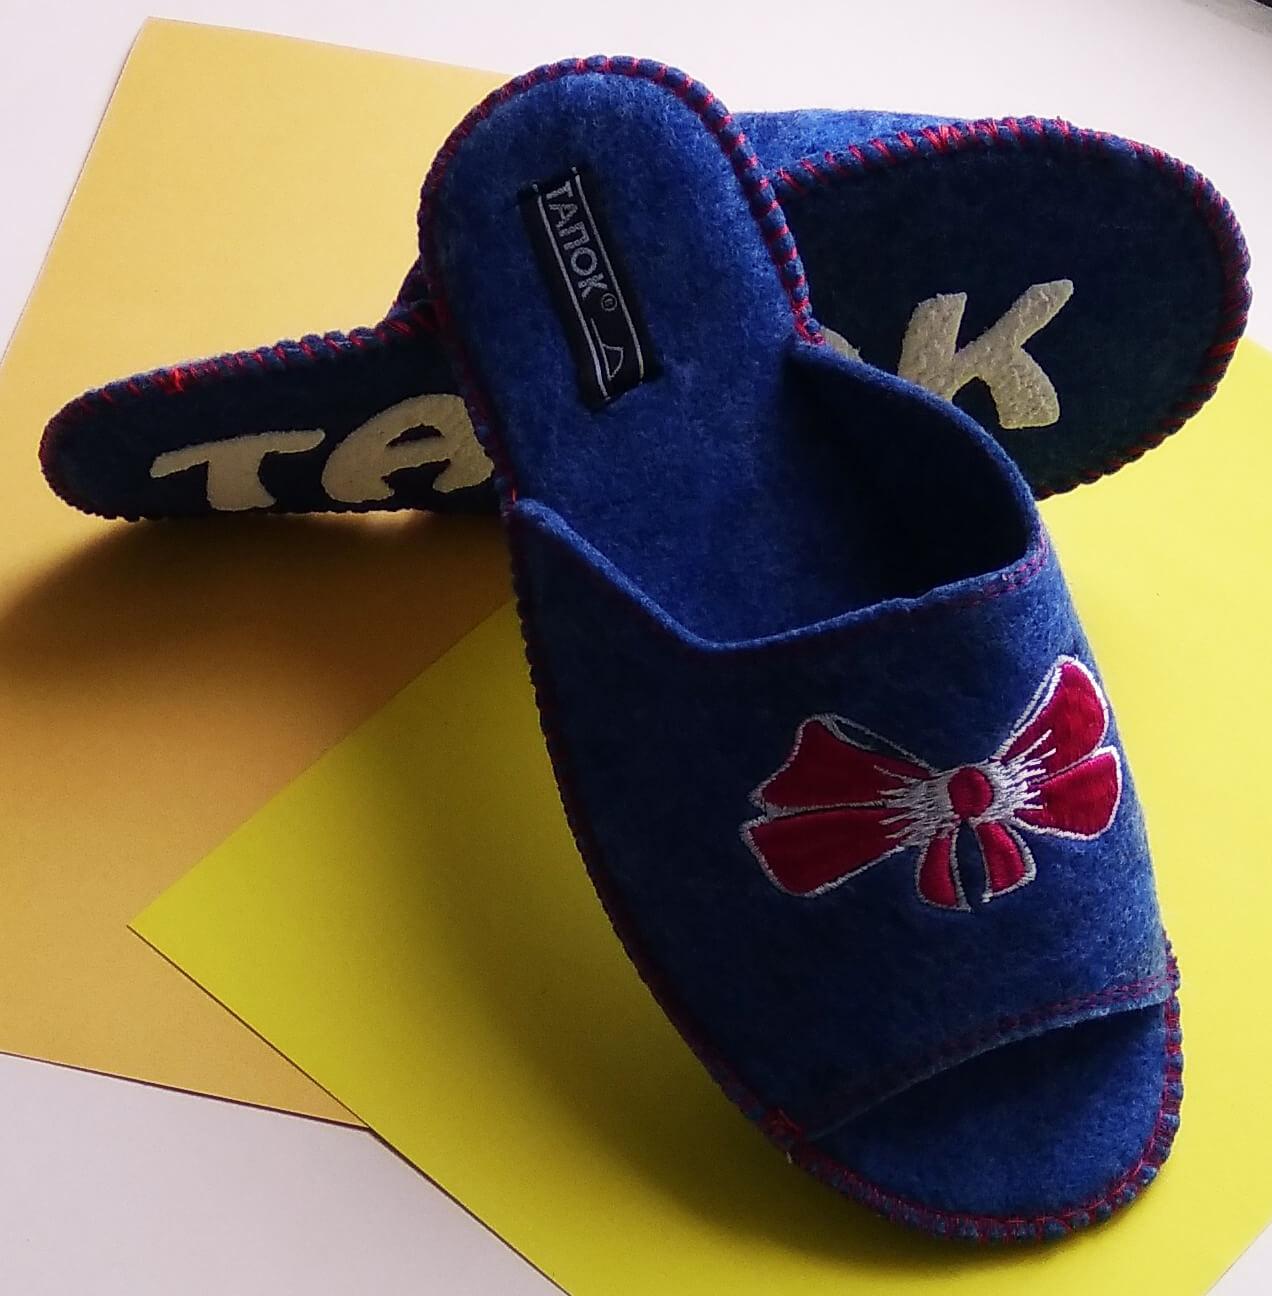 Войлочные тапочки женские TapOK T509r. Фото 5